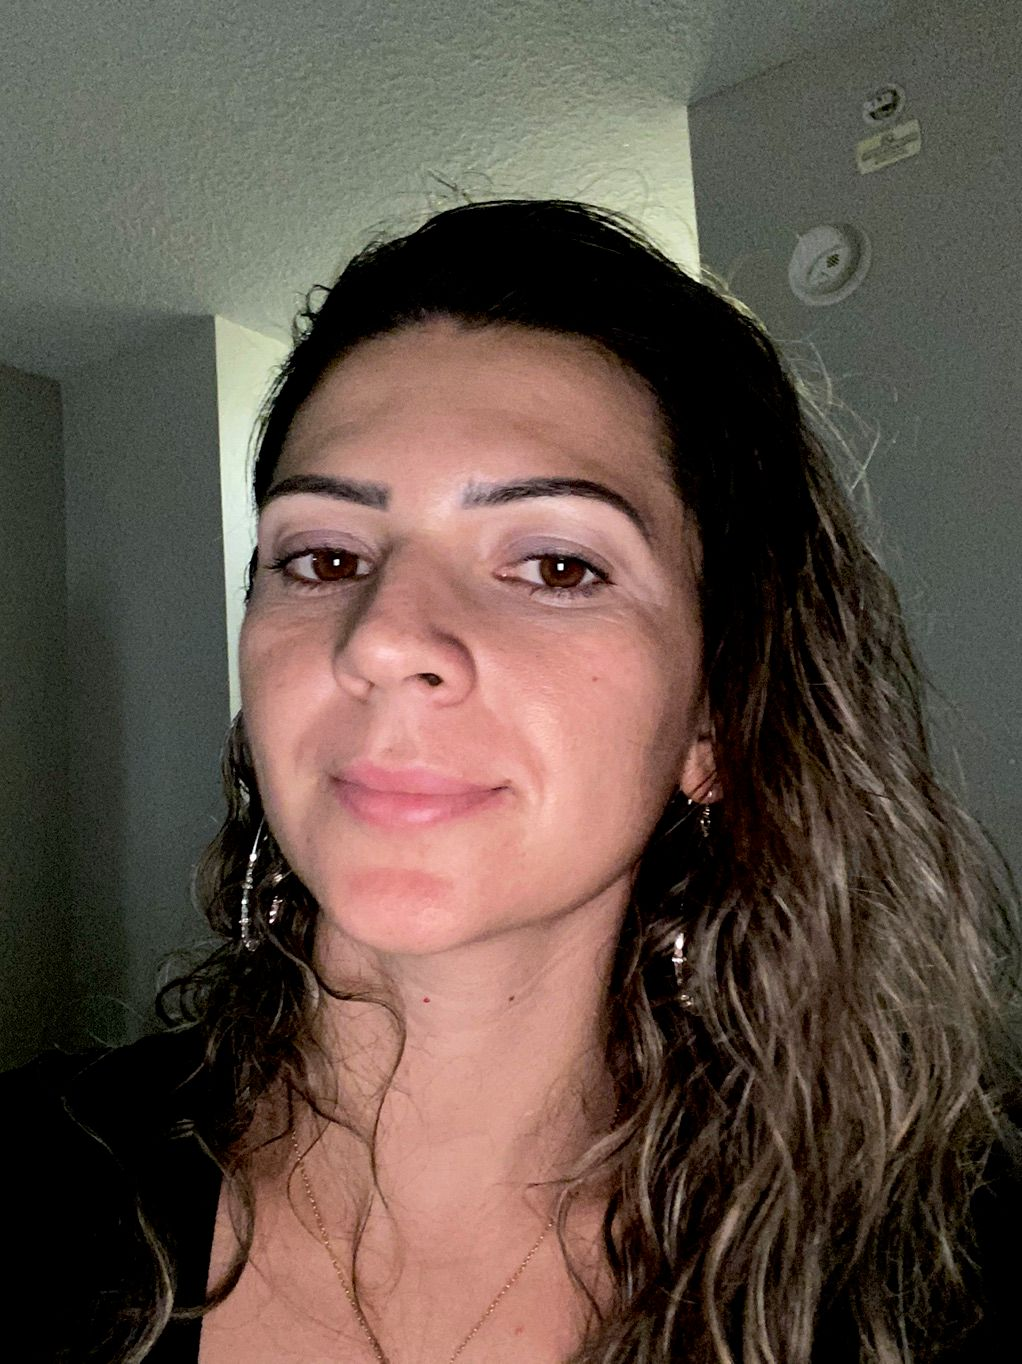 Fernanda cleaning